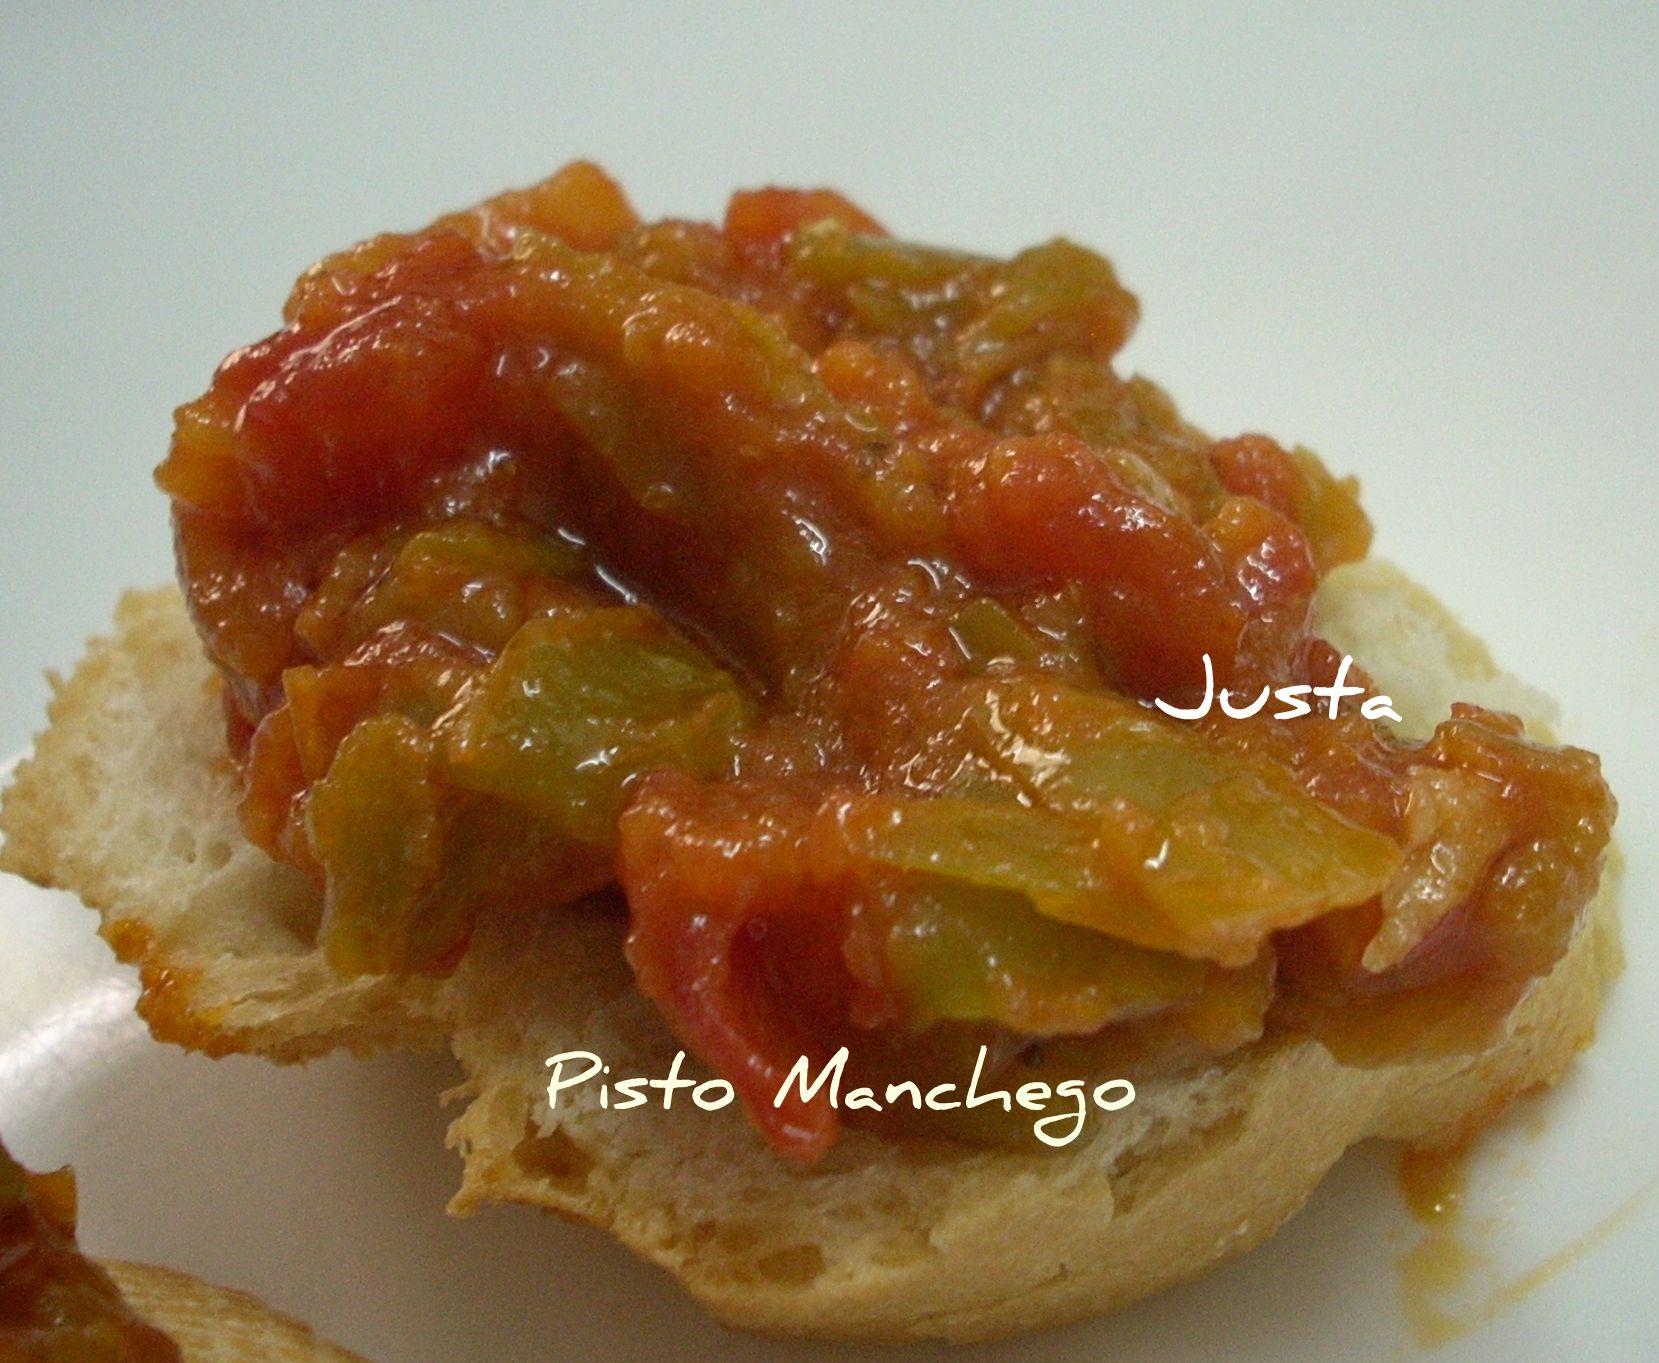 PISTO MANCHEGO (receta de Justa)